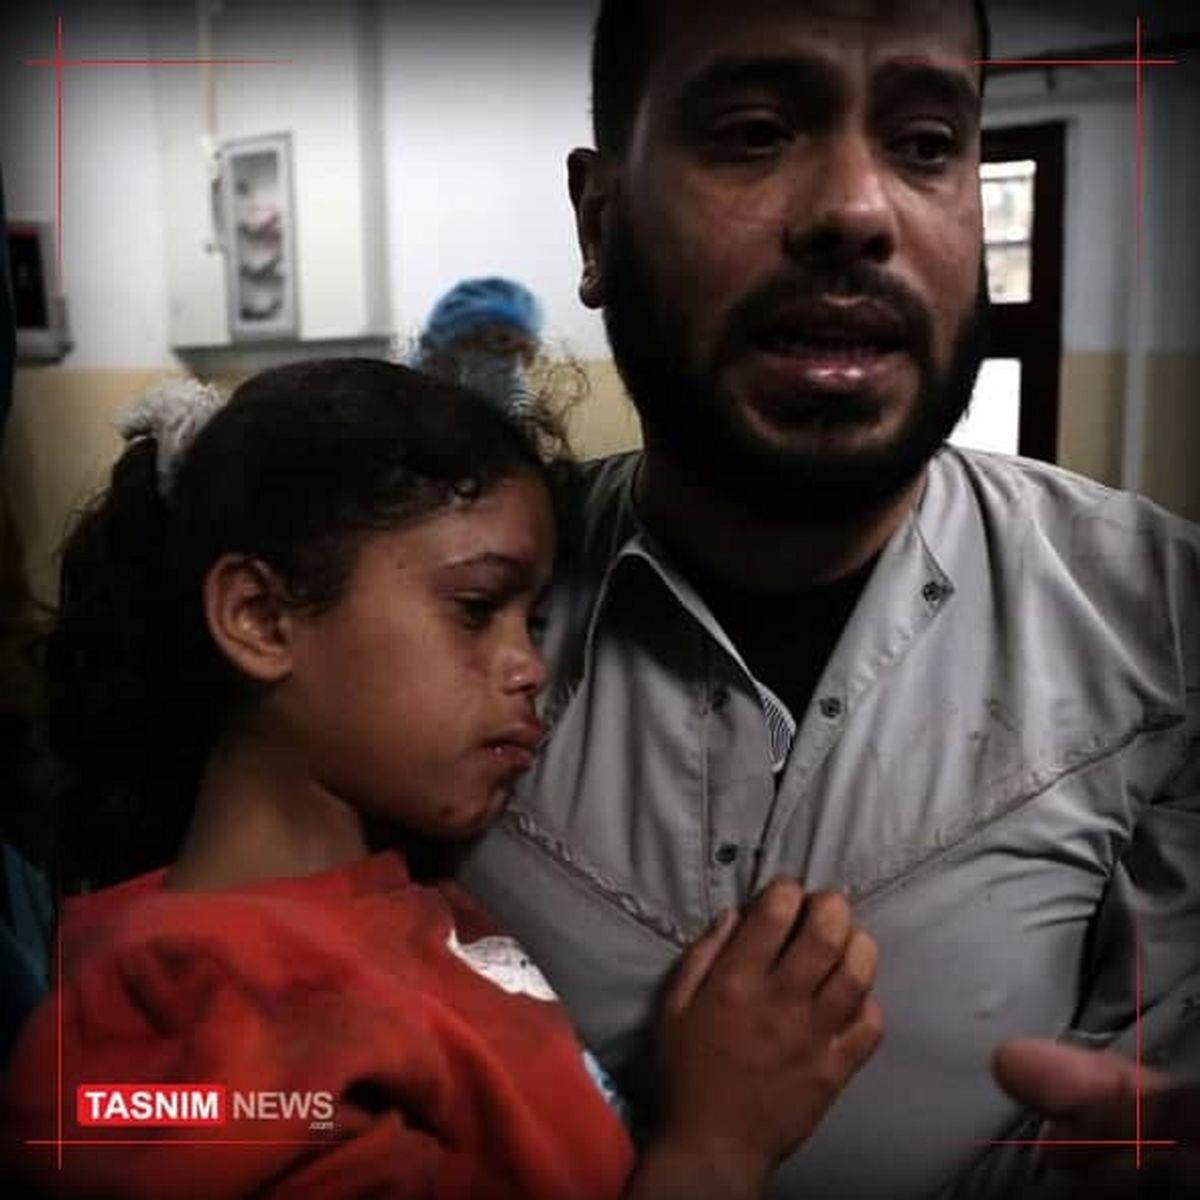 شمار شهدای حمله به غزه به ۲۰ نفر رسید